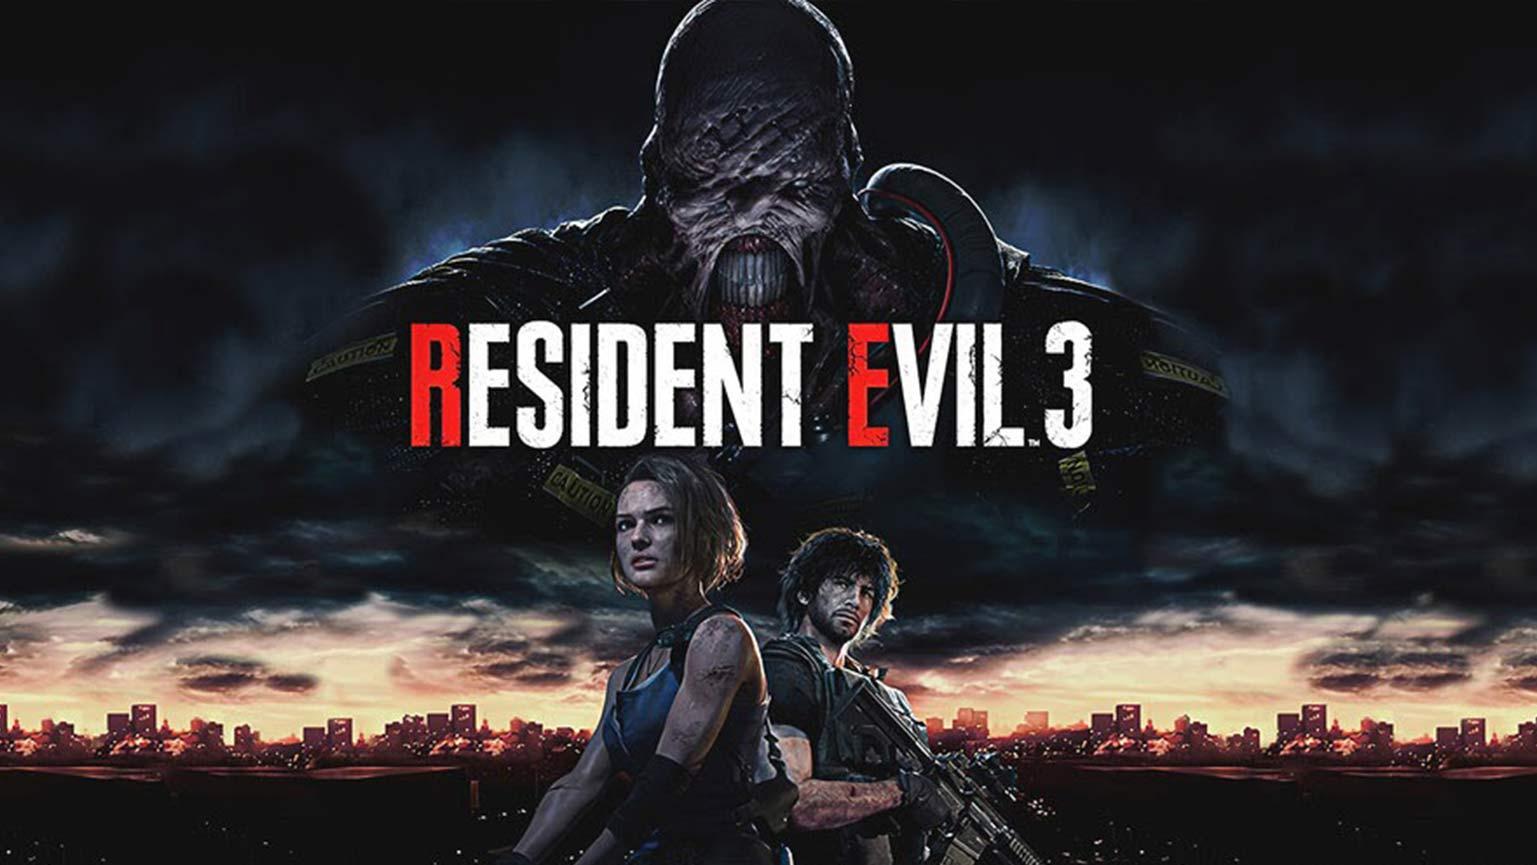 ¿Cómo resolver el rompecabezas del tren en Resident Evil 3 Remake?